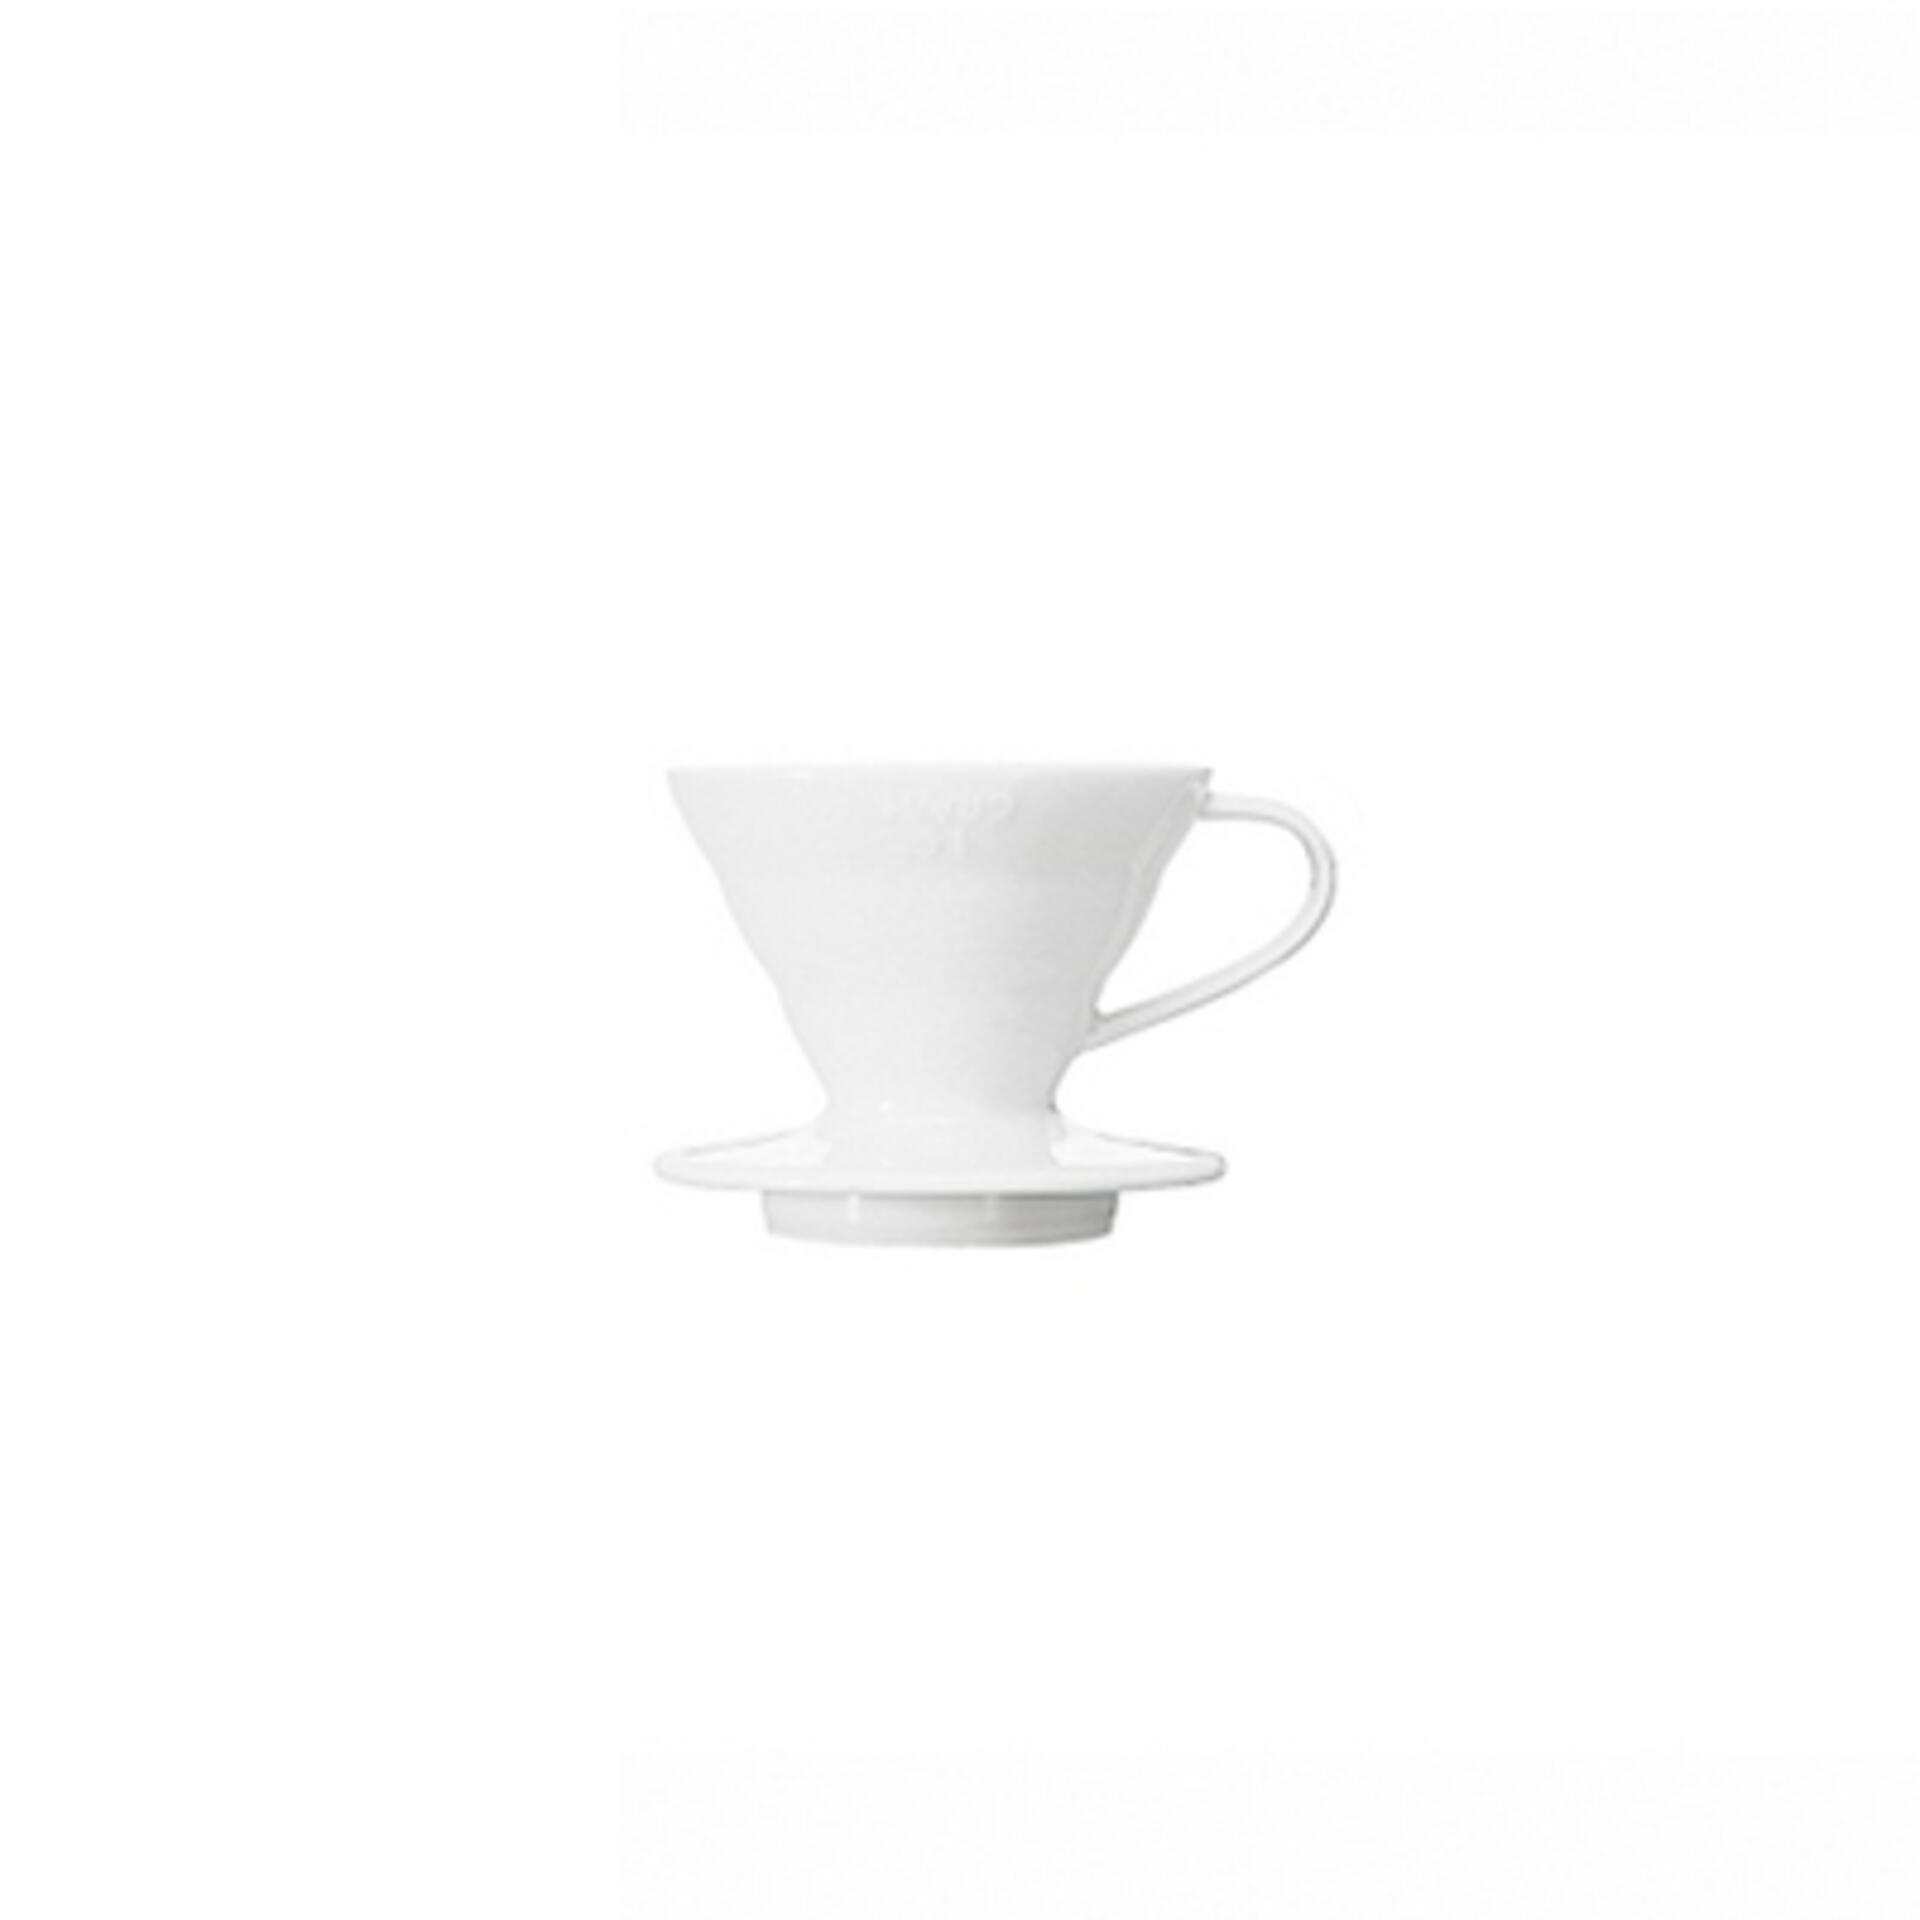 Hario Kaffeefilter V60 Porzellan Gr. 01